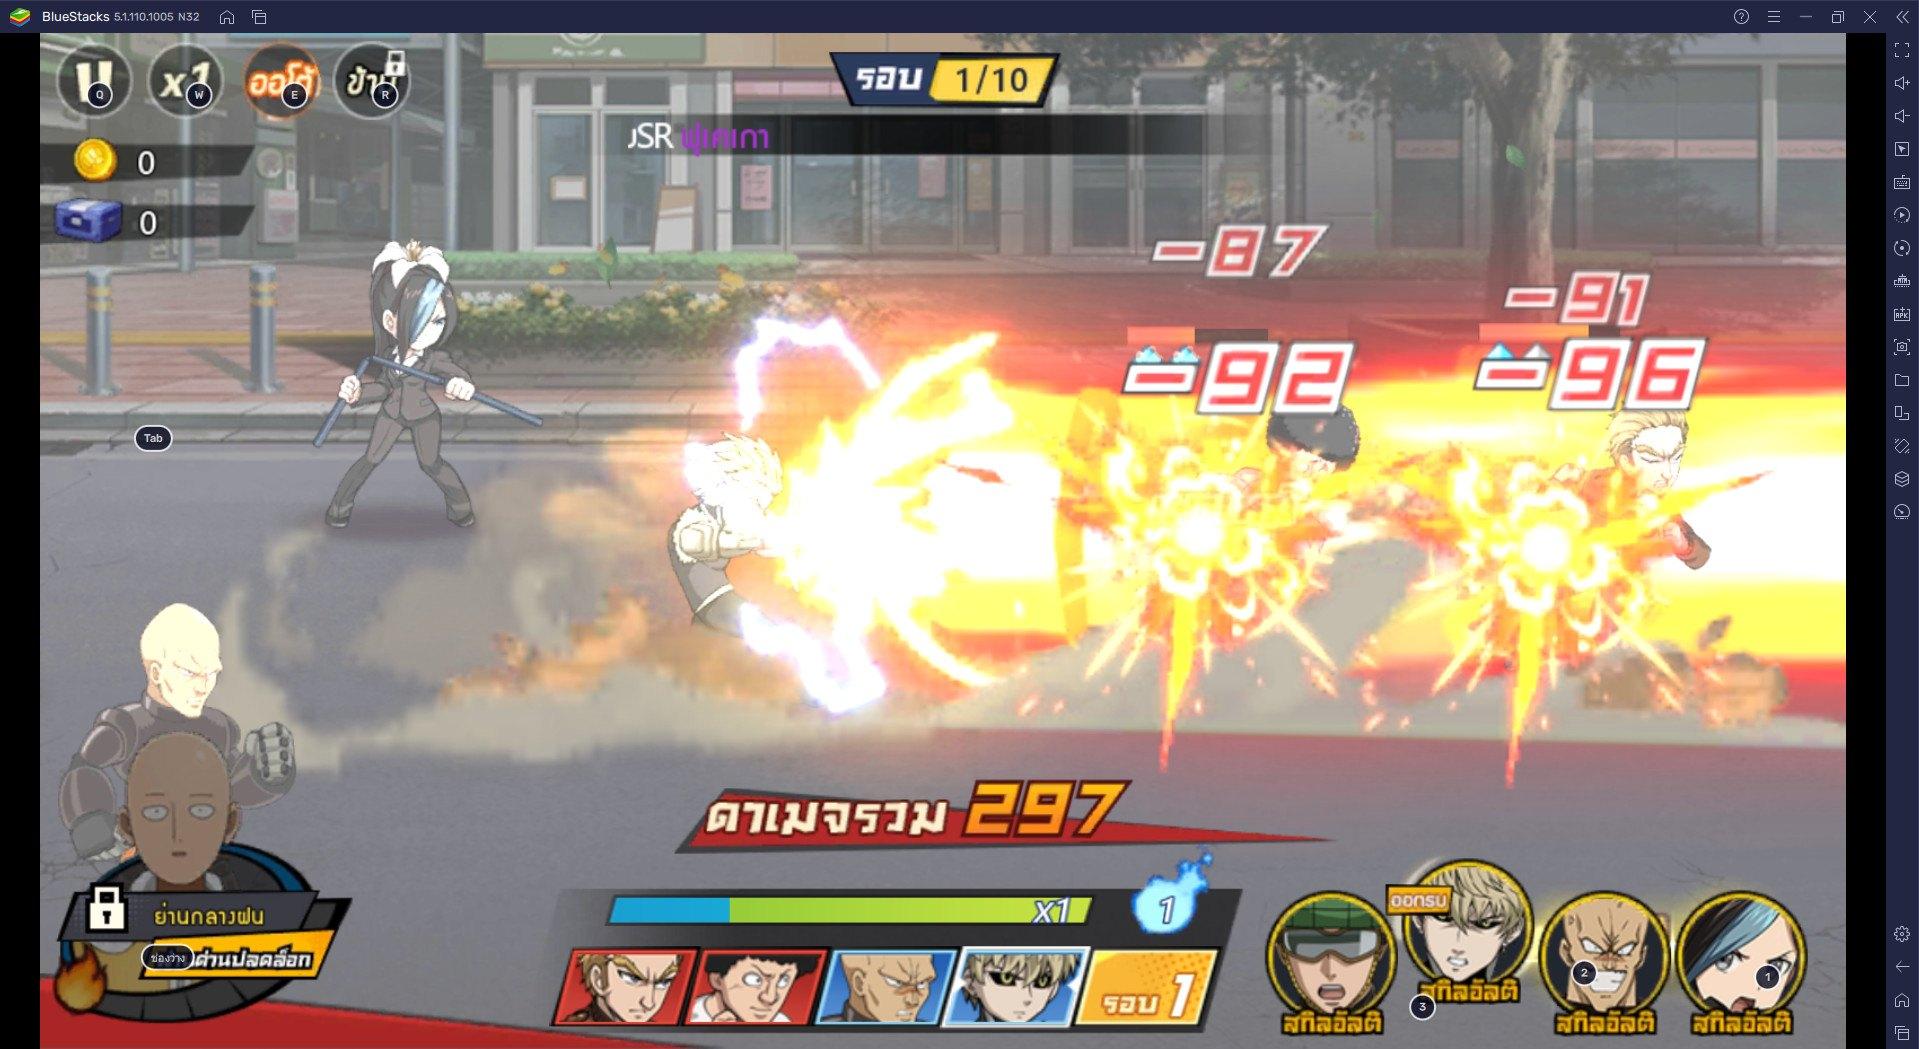 เทคนิคการจัดทีม One Punch Man: The Strongest